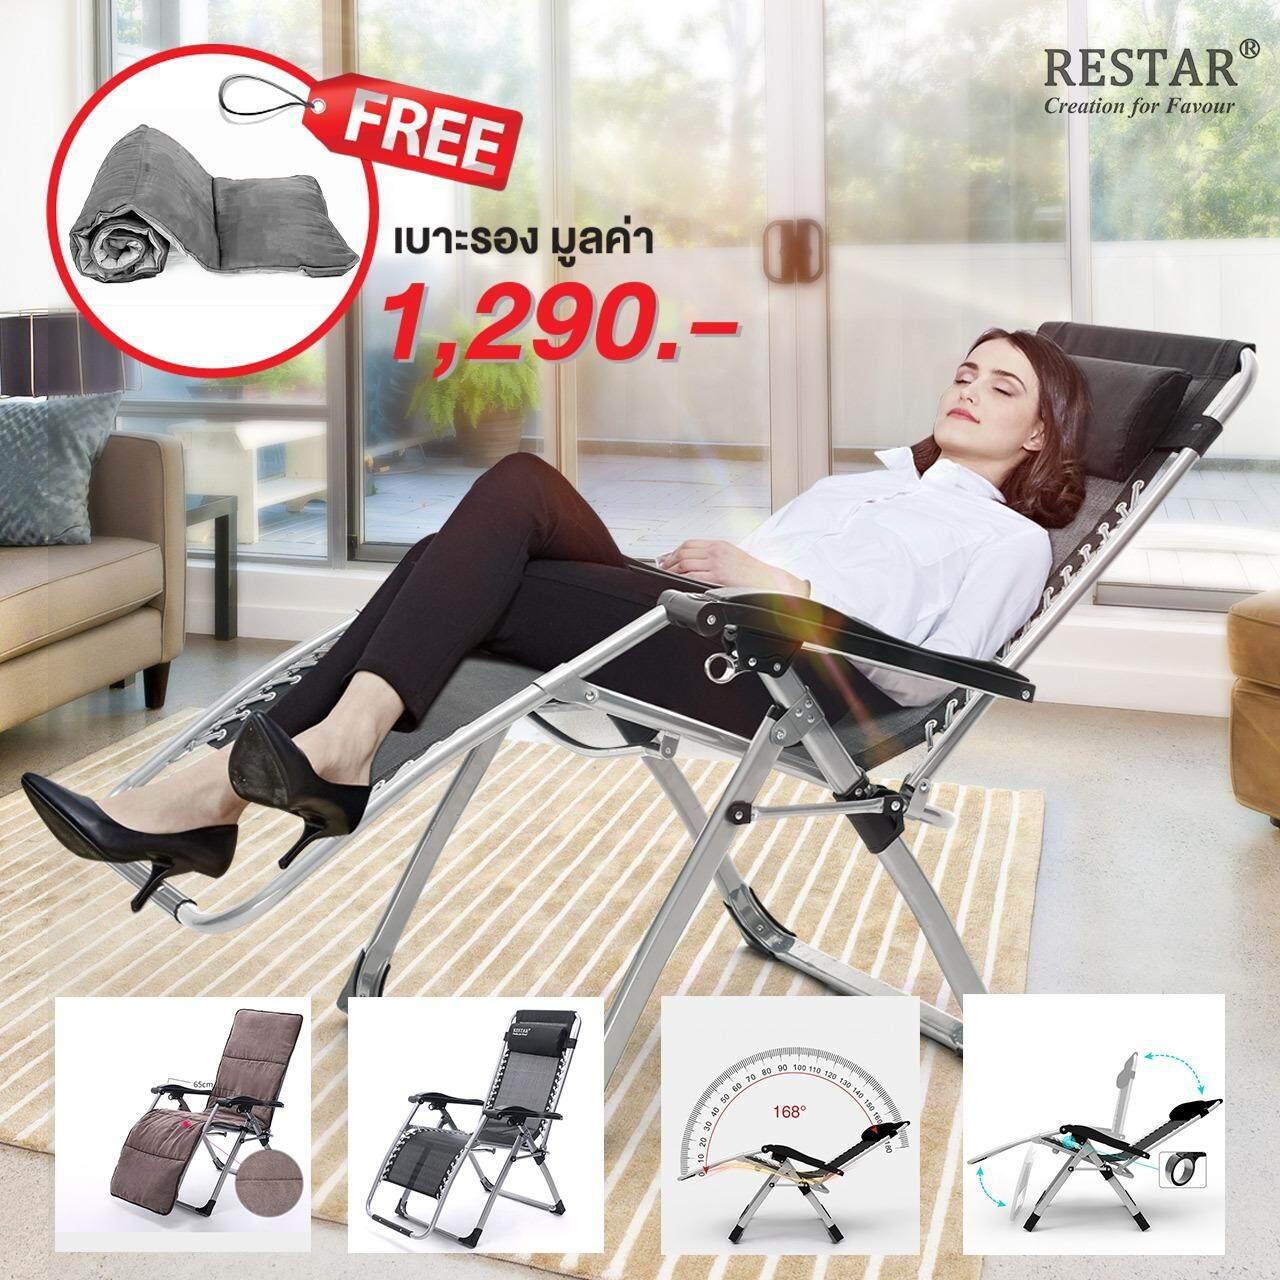 Sivili Restar Fc013 เก้าอี้ปรับเอนนอน เก้าอี้พับได้ สีดำ ขา Silver รุ่น ชิวชิว (ฟรี เบาะรองนอน สีเทา) .